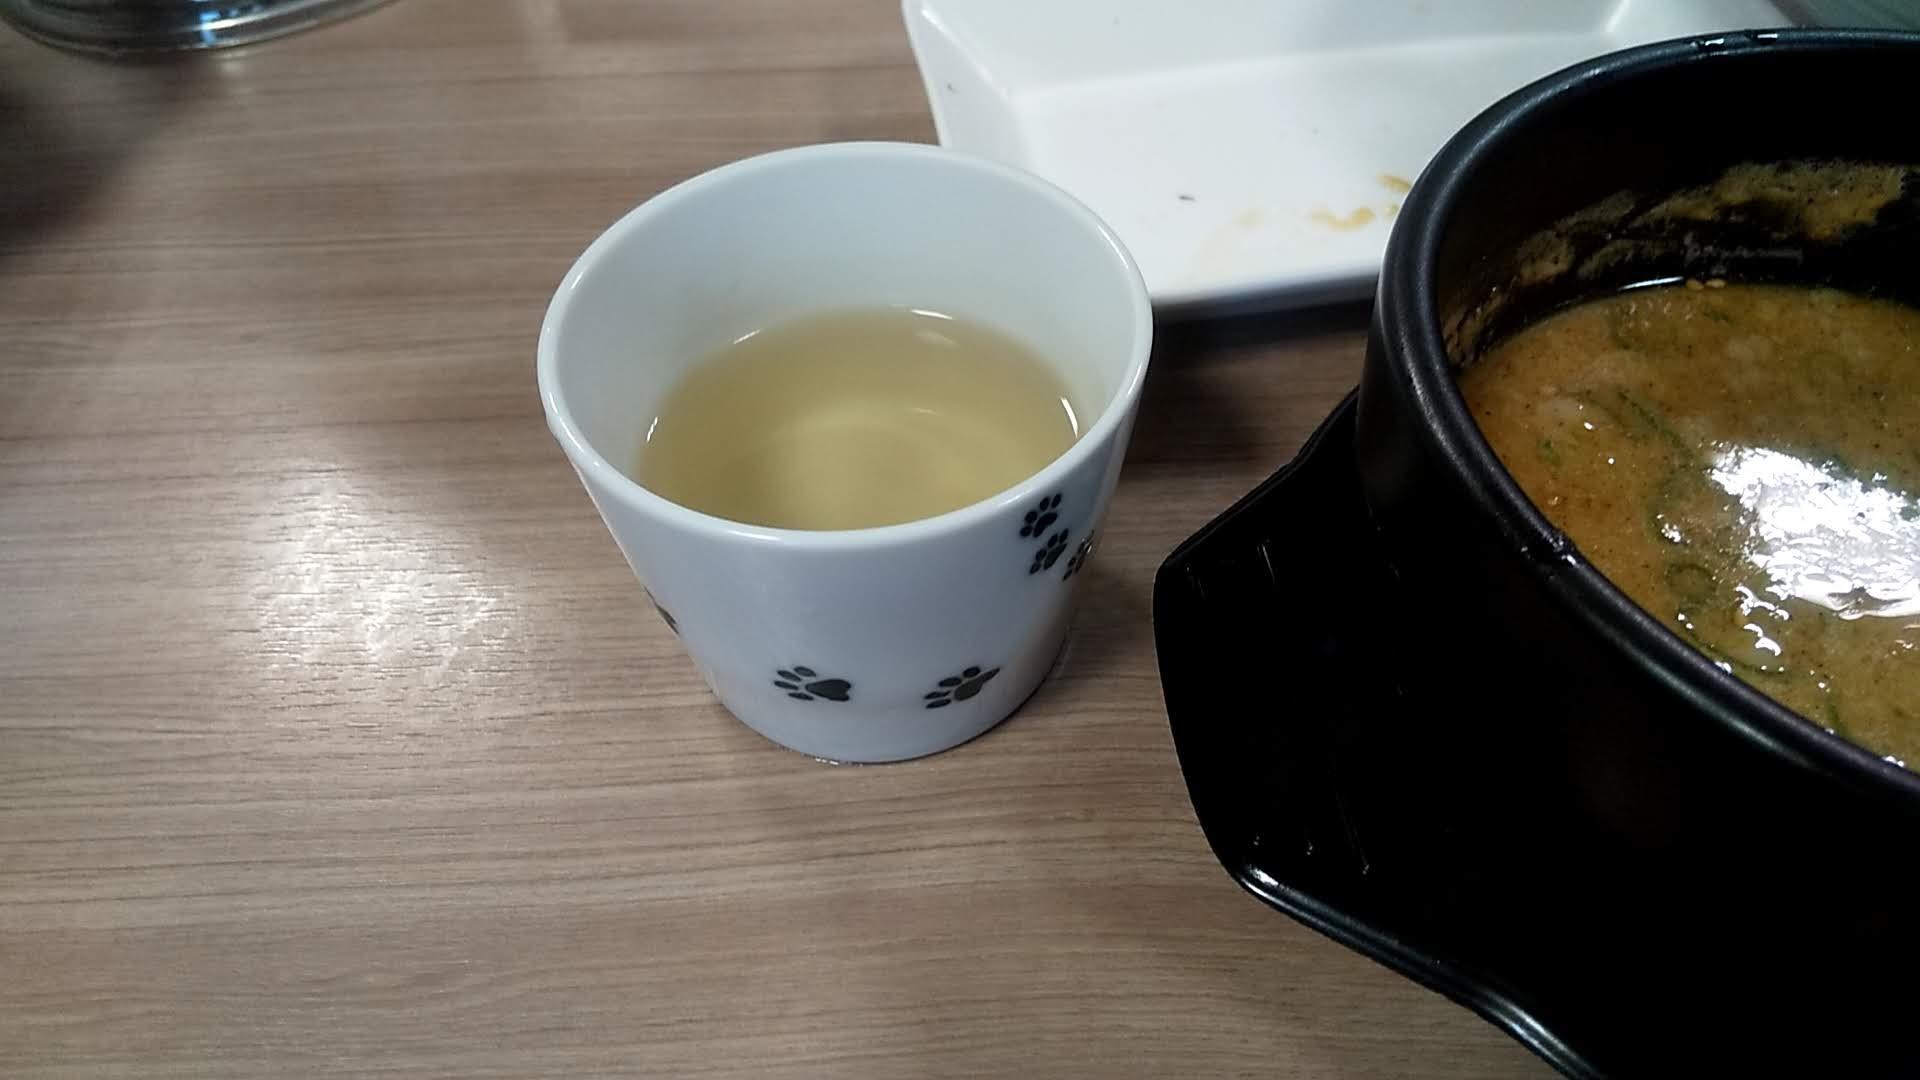 越後つけ麺維新の特製かつおつけ麺の割りスープ